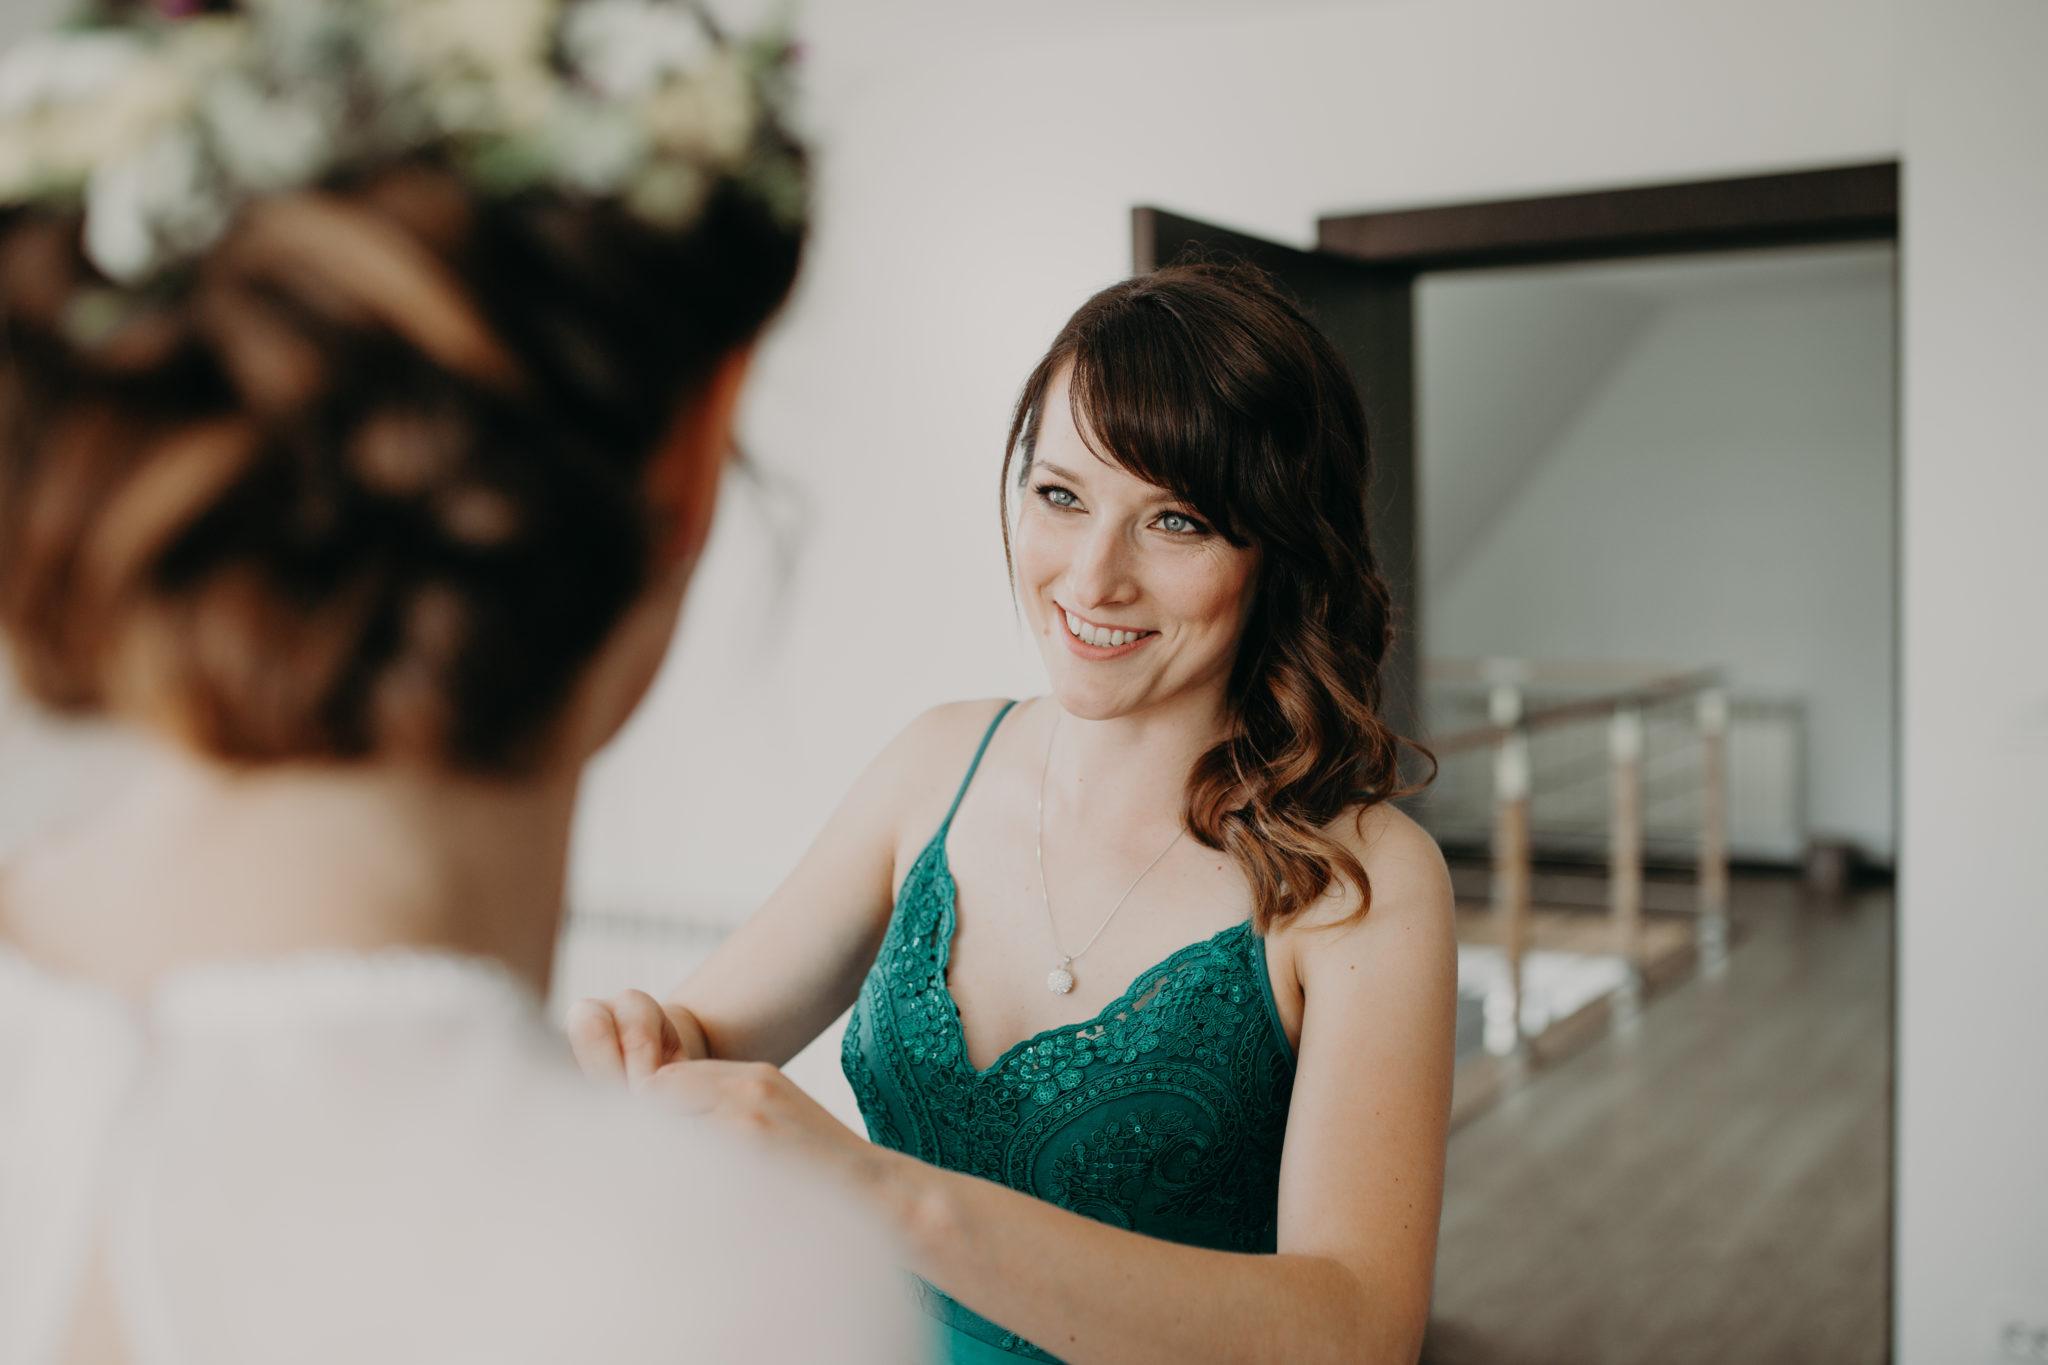 gosia i kuba30 1 - fotografiagk Fotografia ślubna RK wedding